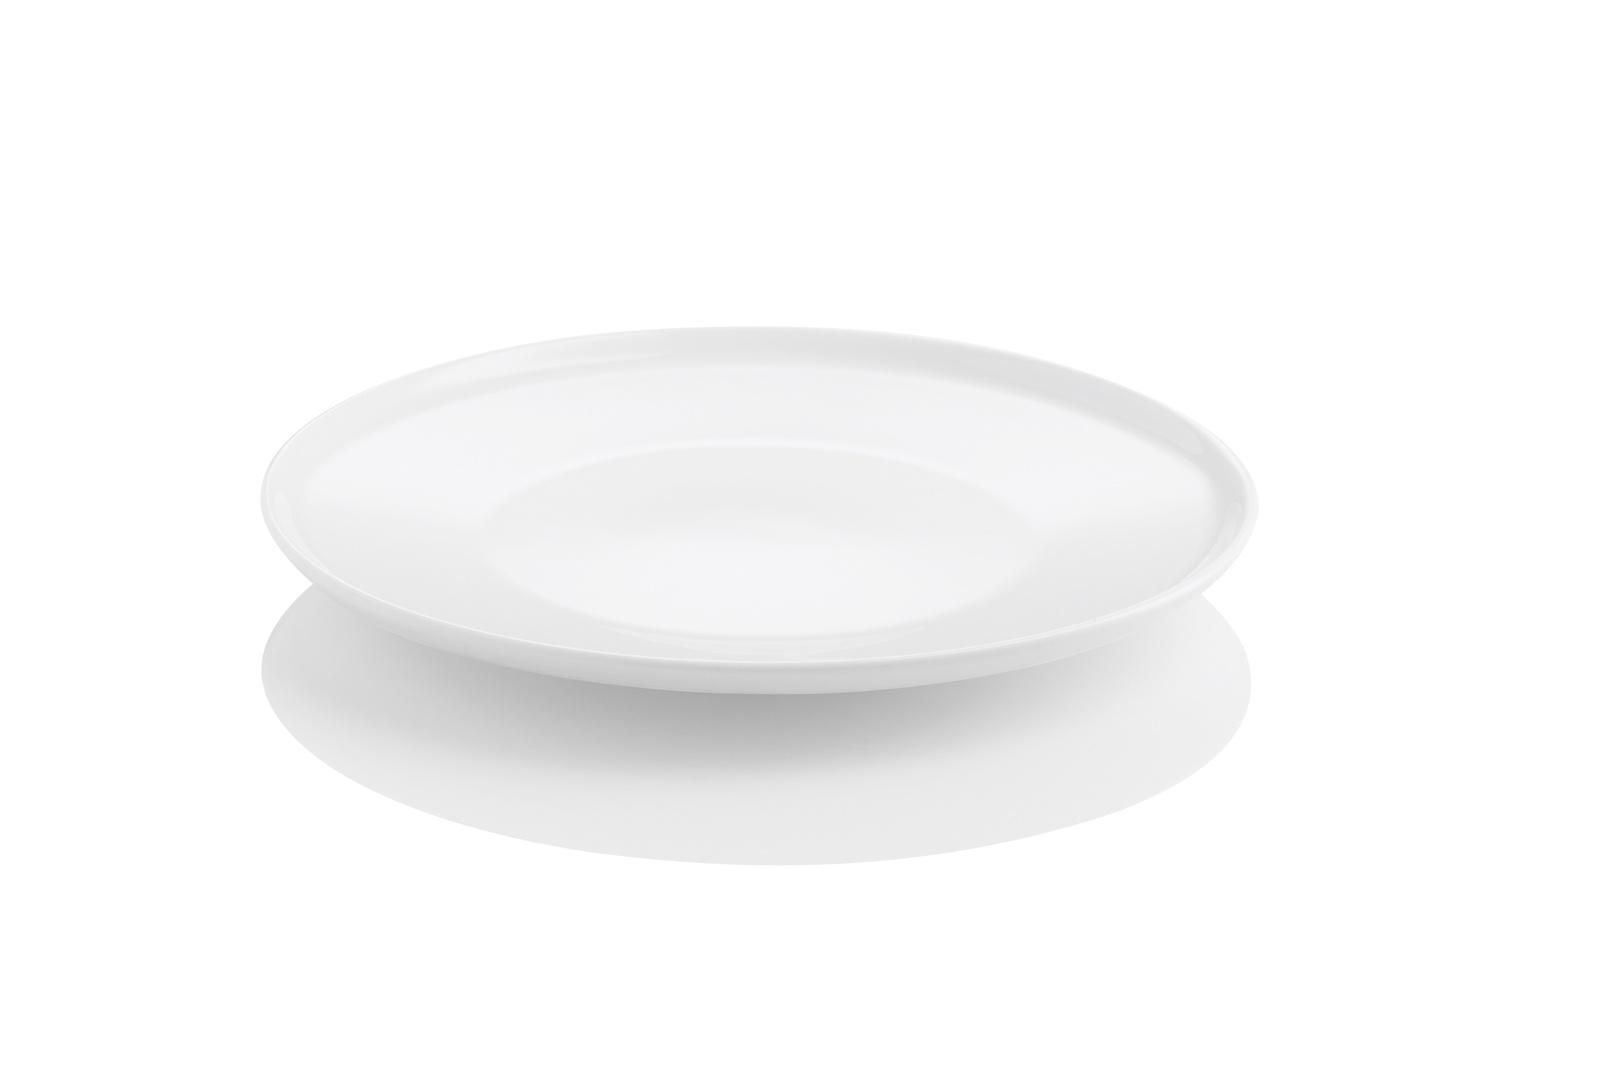 Набор десертных тарелок Aida Enso, 17182, белый, 4 шт